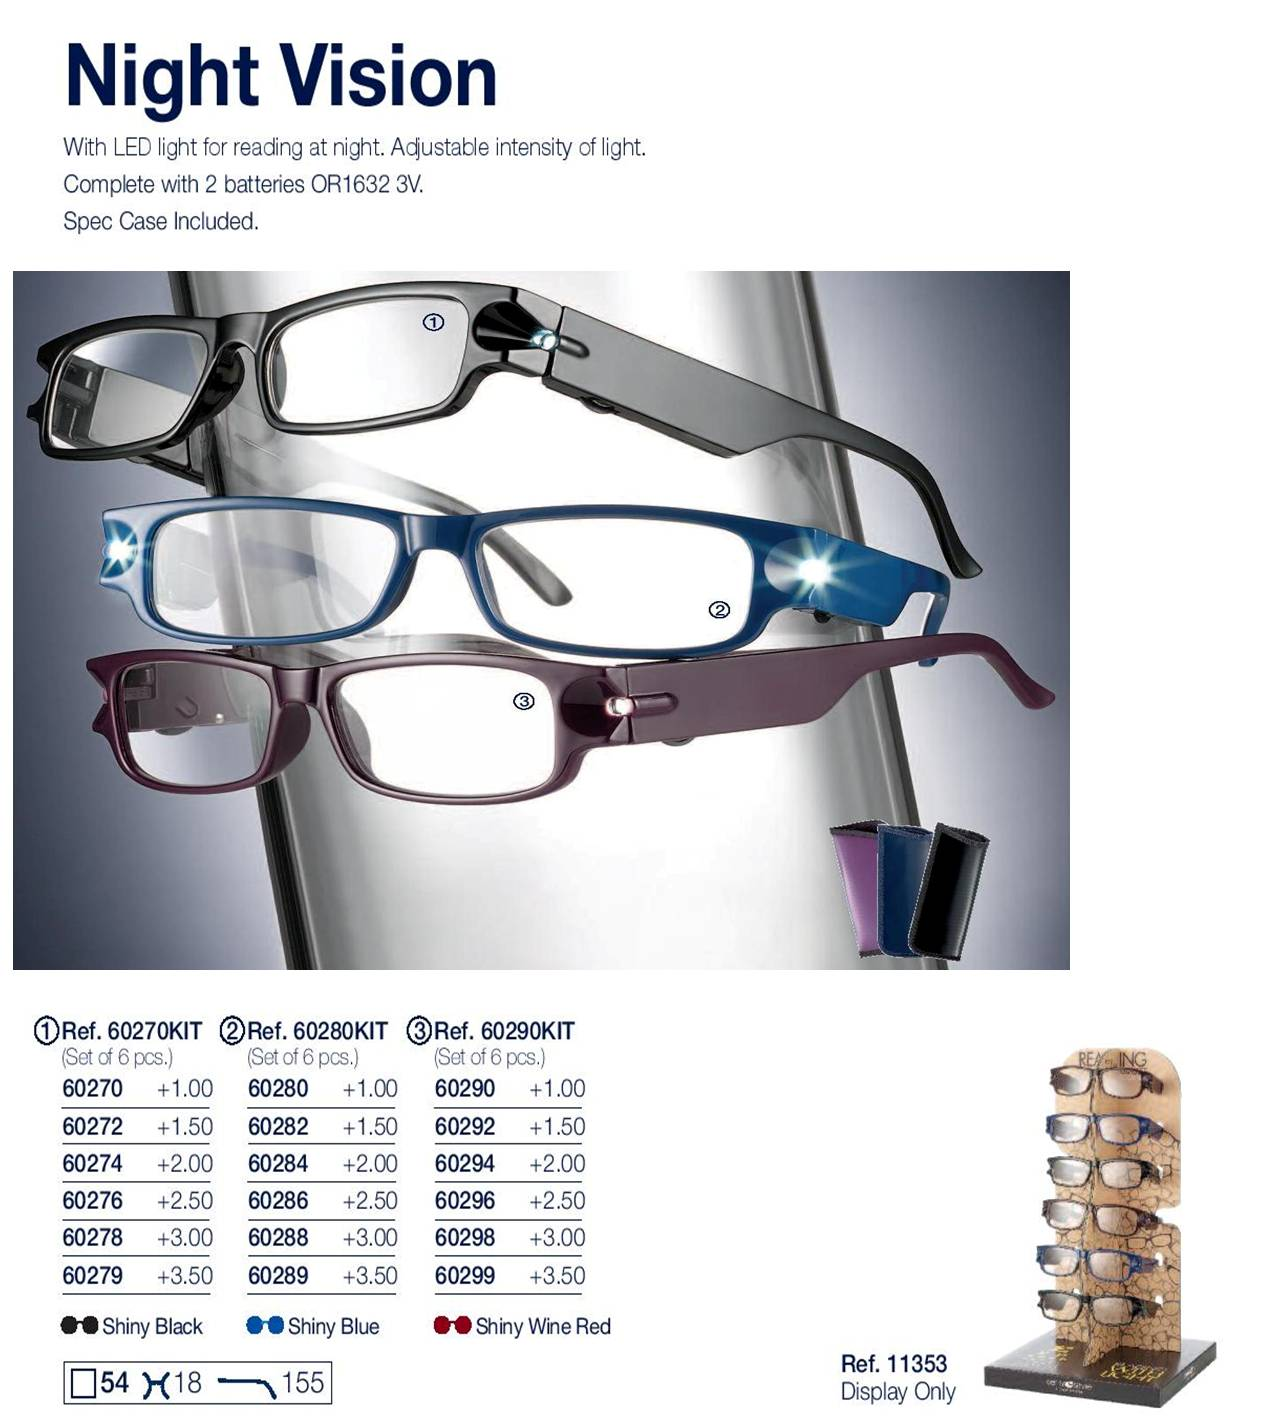 0260279 - Óculos Leitura Night Vision Preto +3,50 Mod 60279 FLAG 9 - Contém 1 Peça